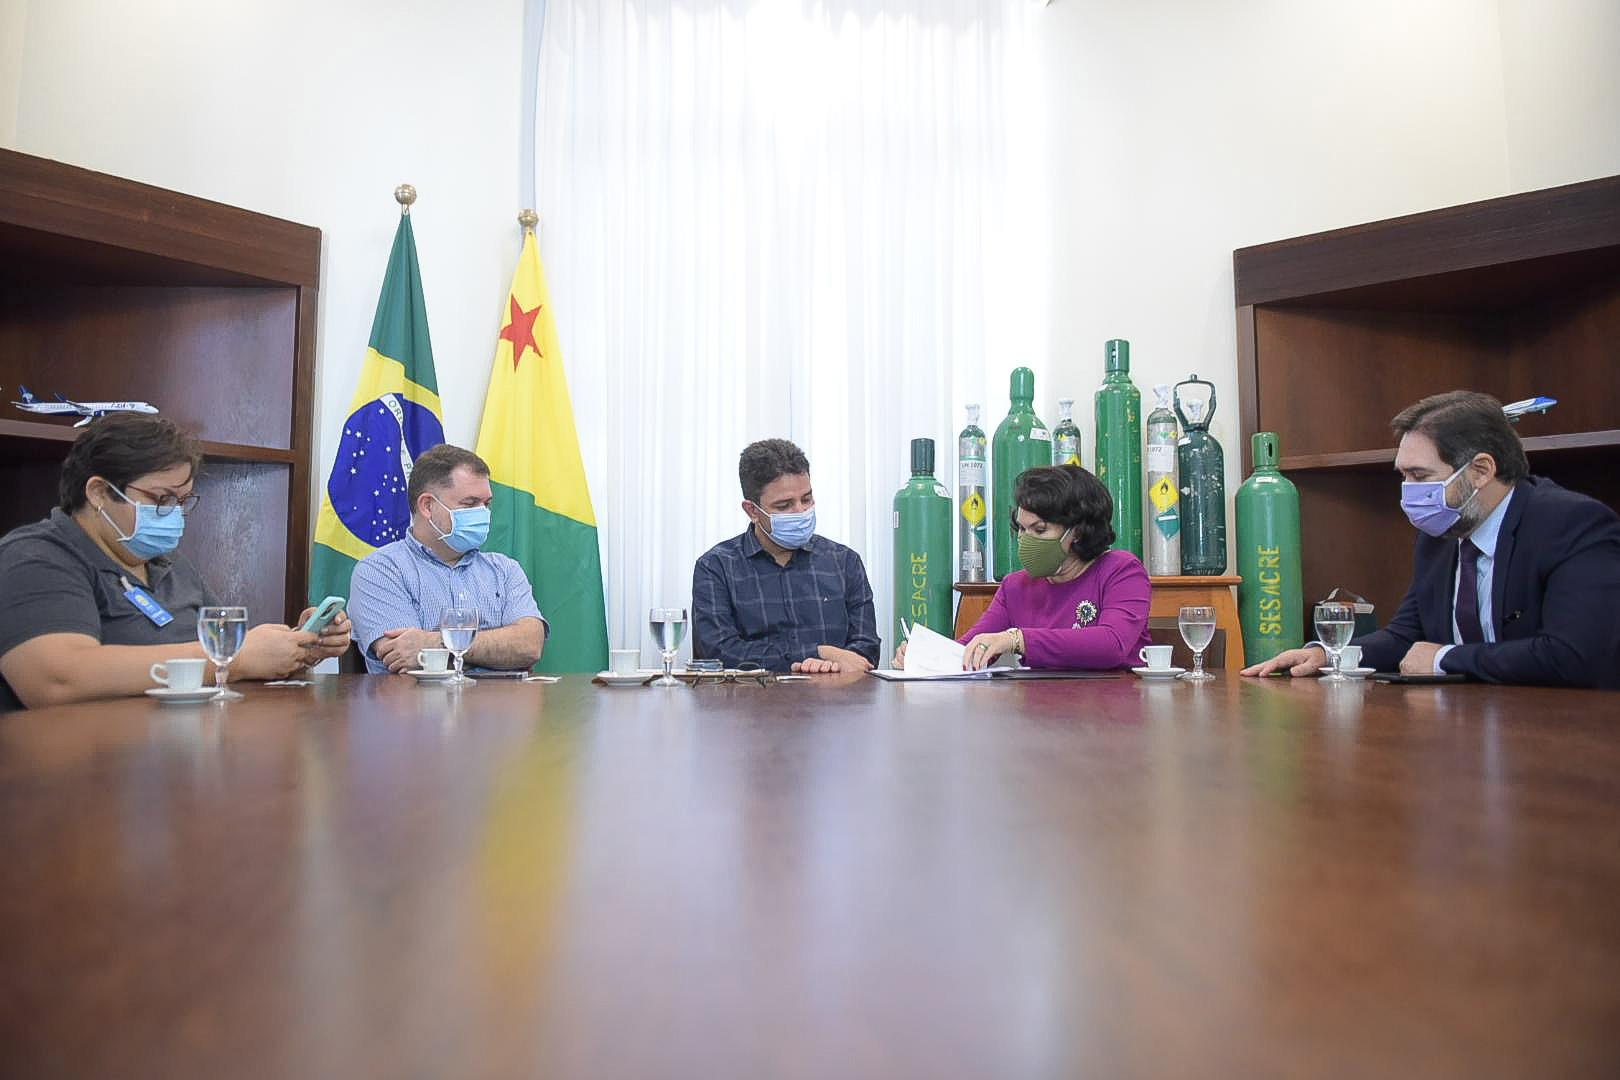 Estado recebe cilindros de oxigênio doados pelo Ministério Público